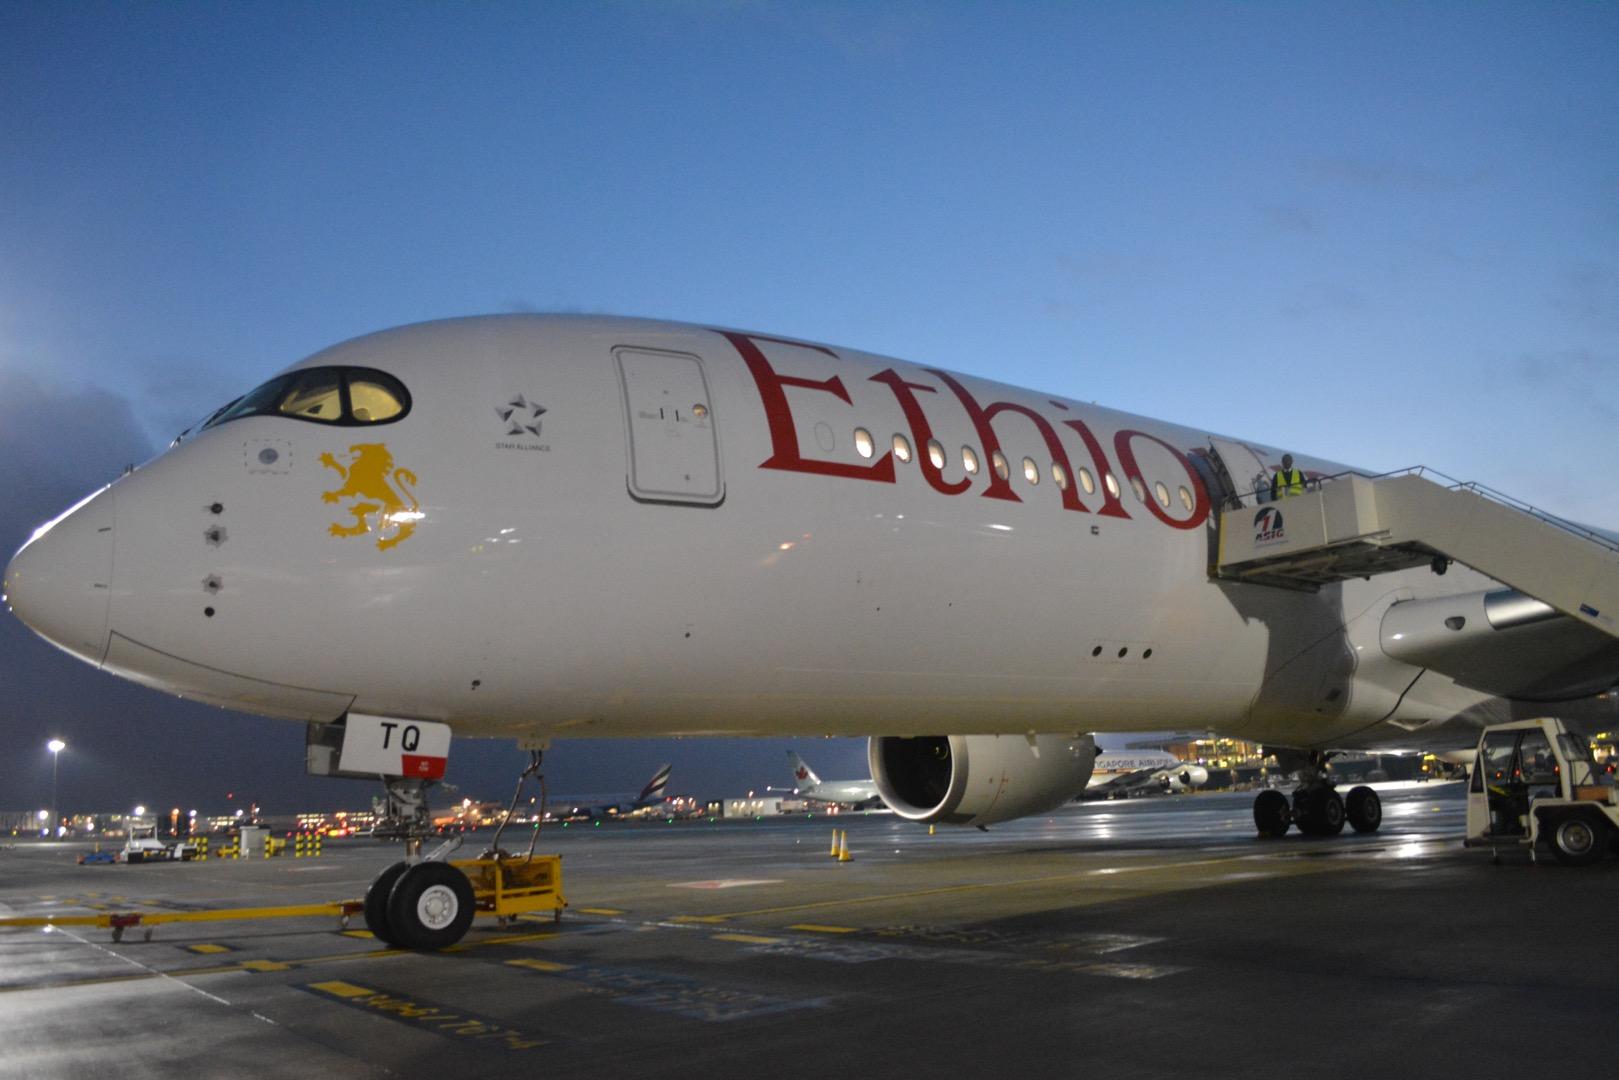 Un avion de la flotte d'Ethiopian Airlines immobilisé sur un tarmac. Crédits : DR